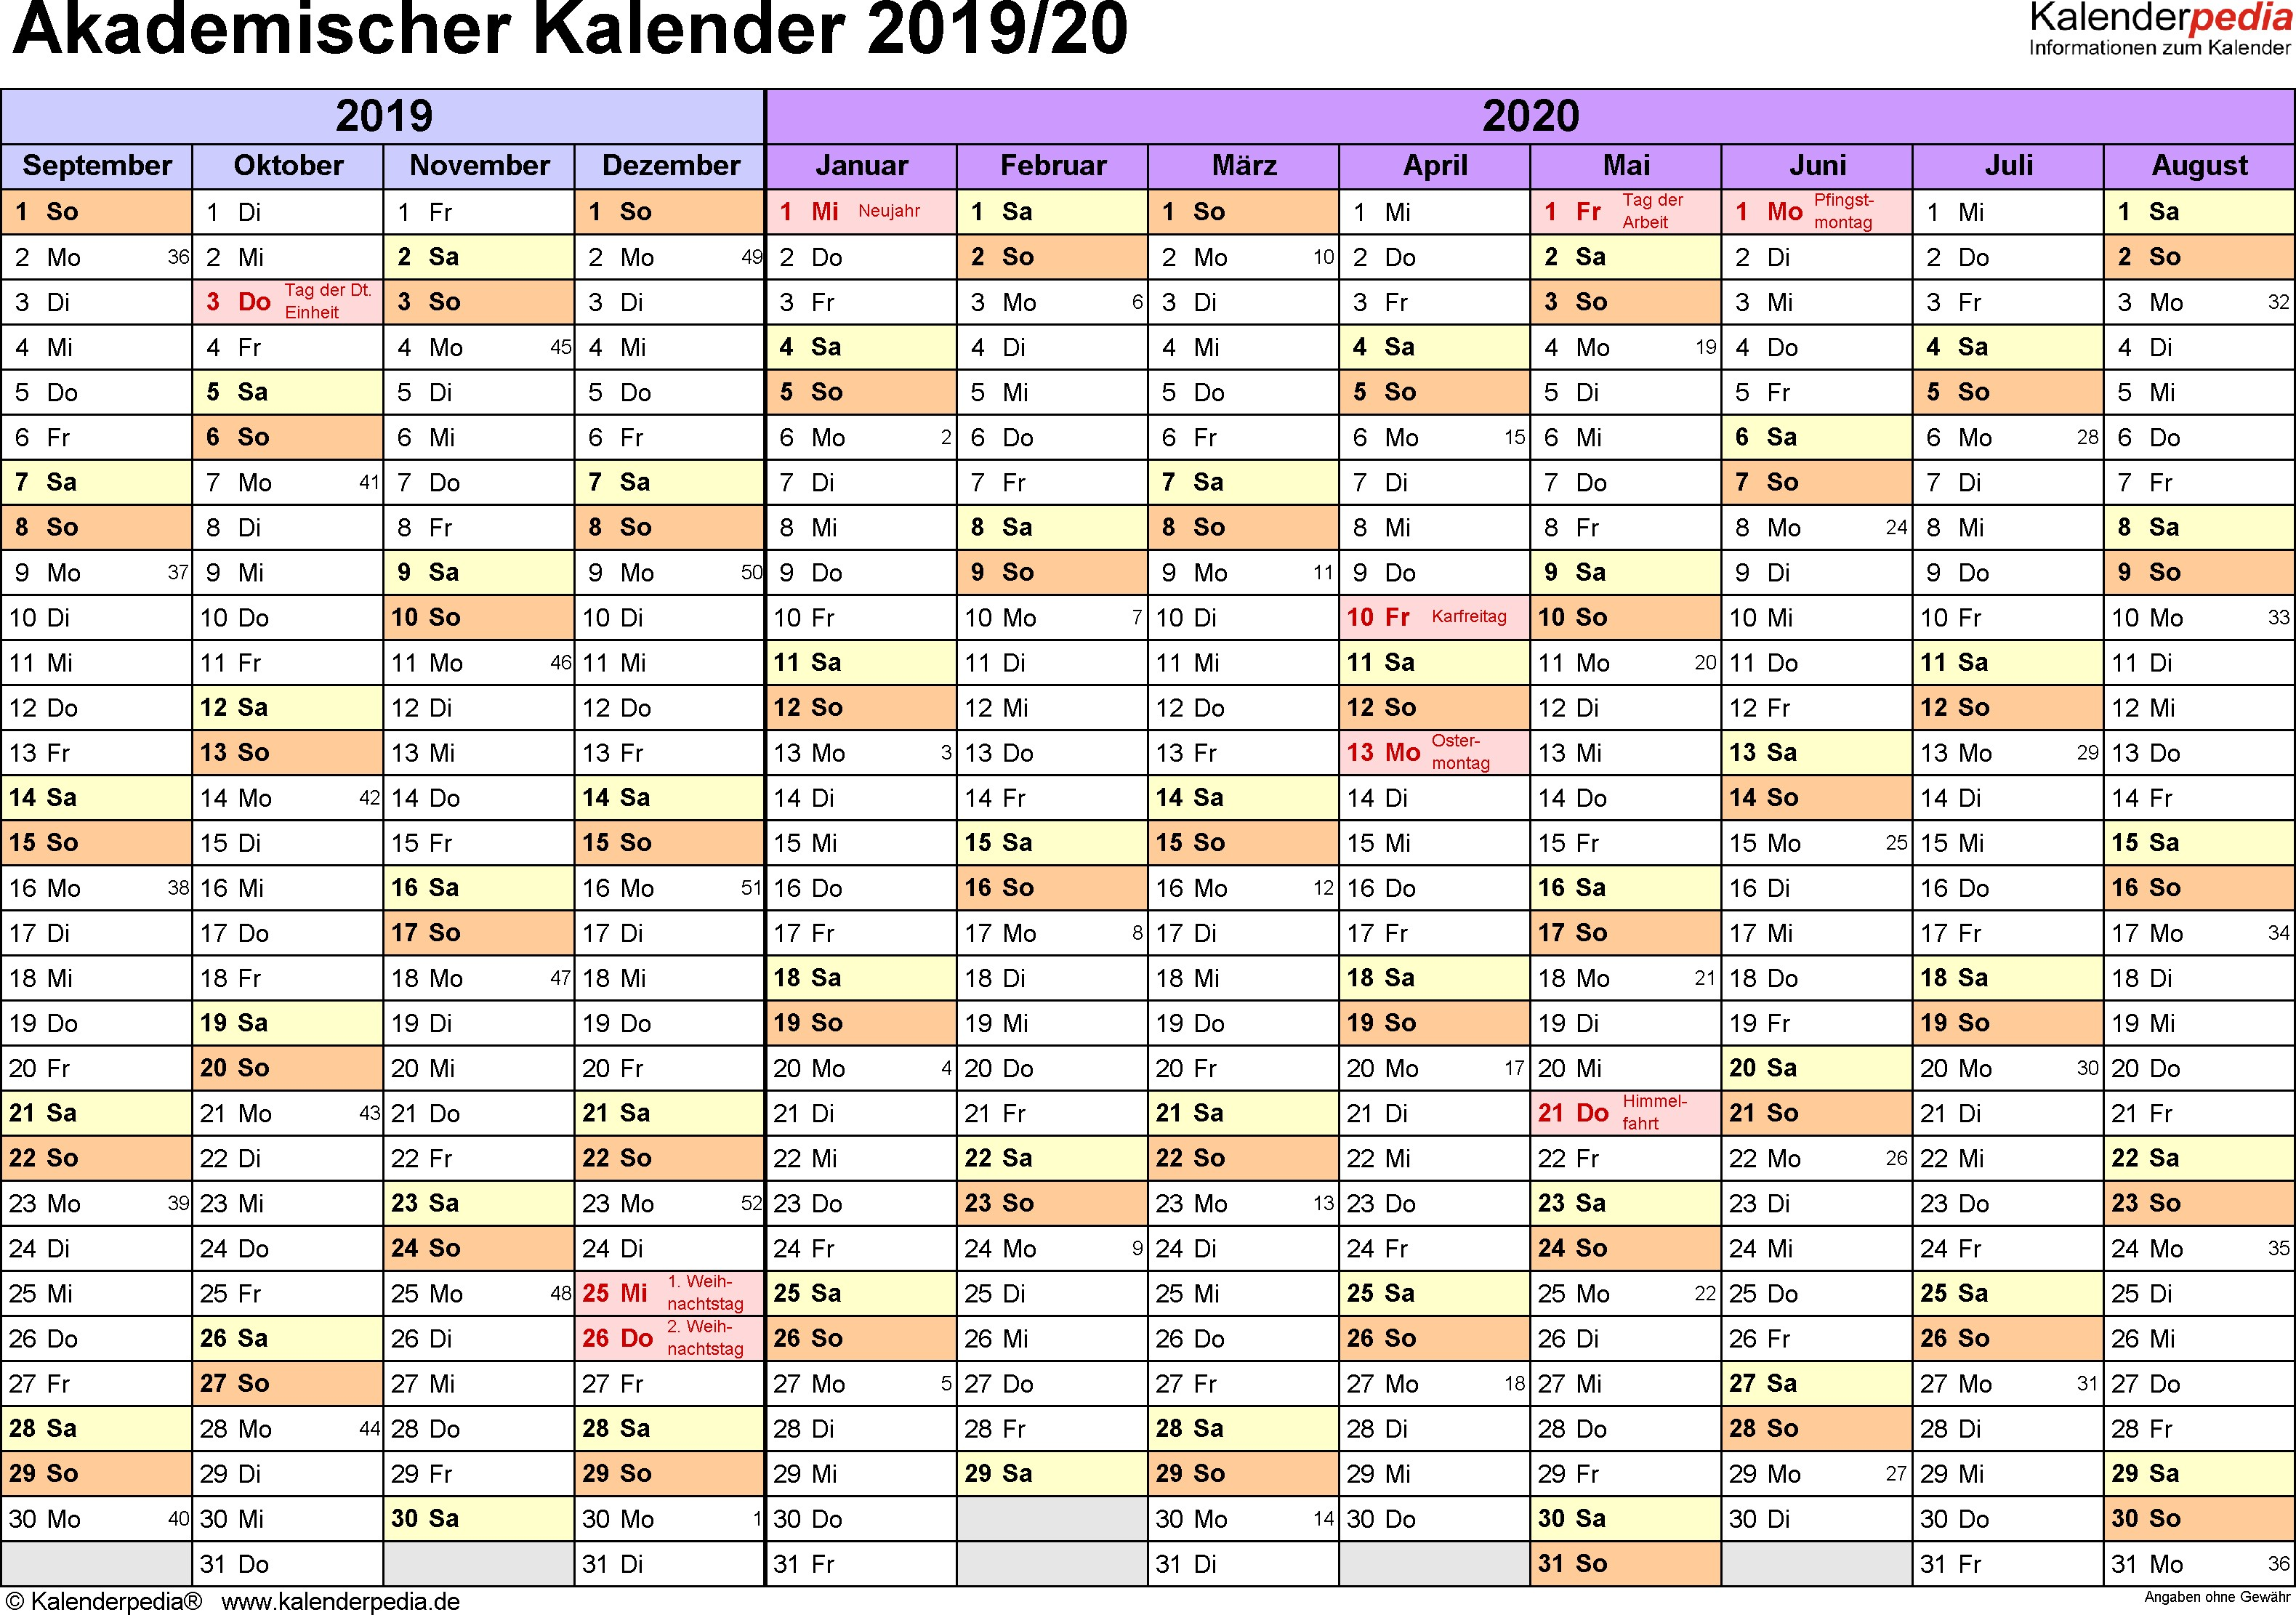 Kalender 2019 Pdf Zum Bearbeiten Más Populares Akademischer Kalender 2019 2020 Als Word Vorlagen Of Kalender 2019 Pdf Zum Bearbeiten Recientes Kalender 2017 Brandenburg Zum Ausdrucken Kalender 2017